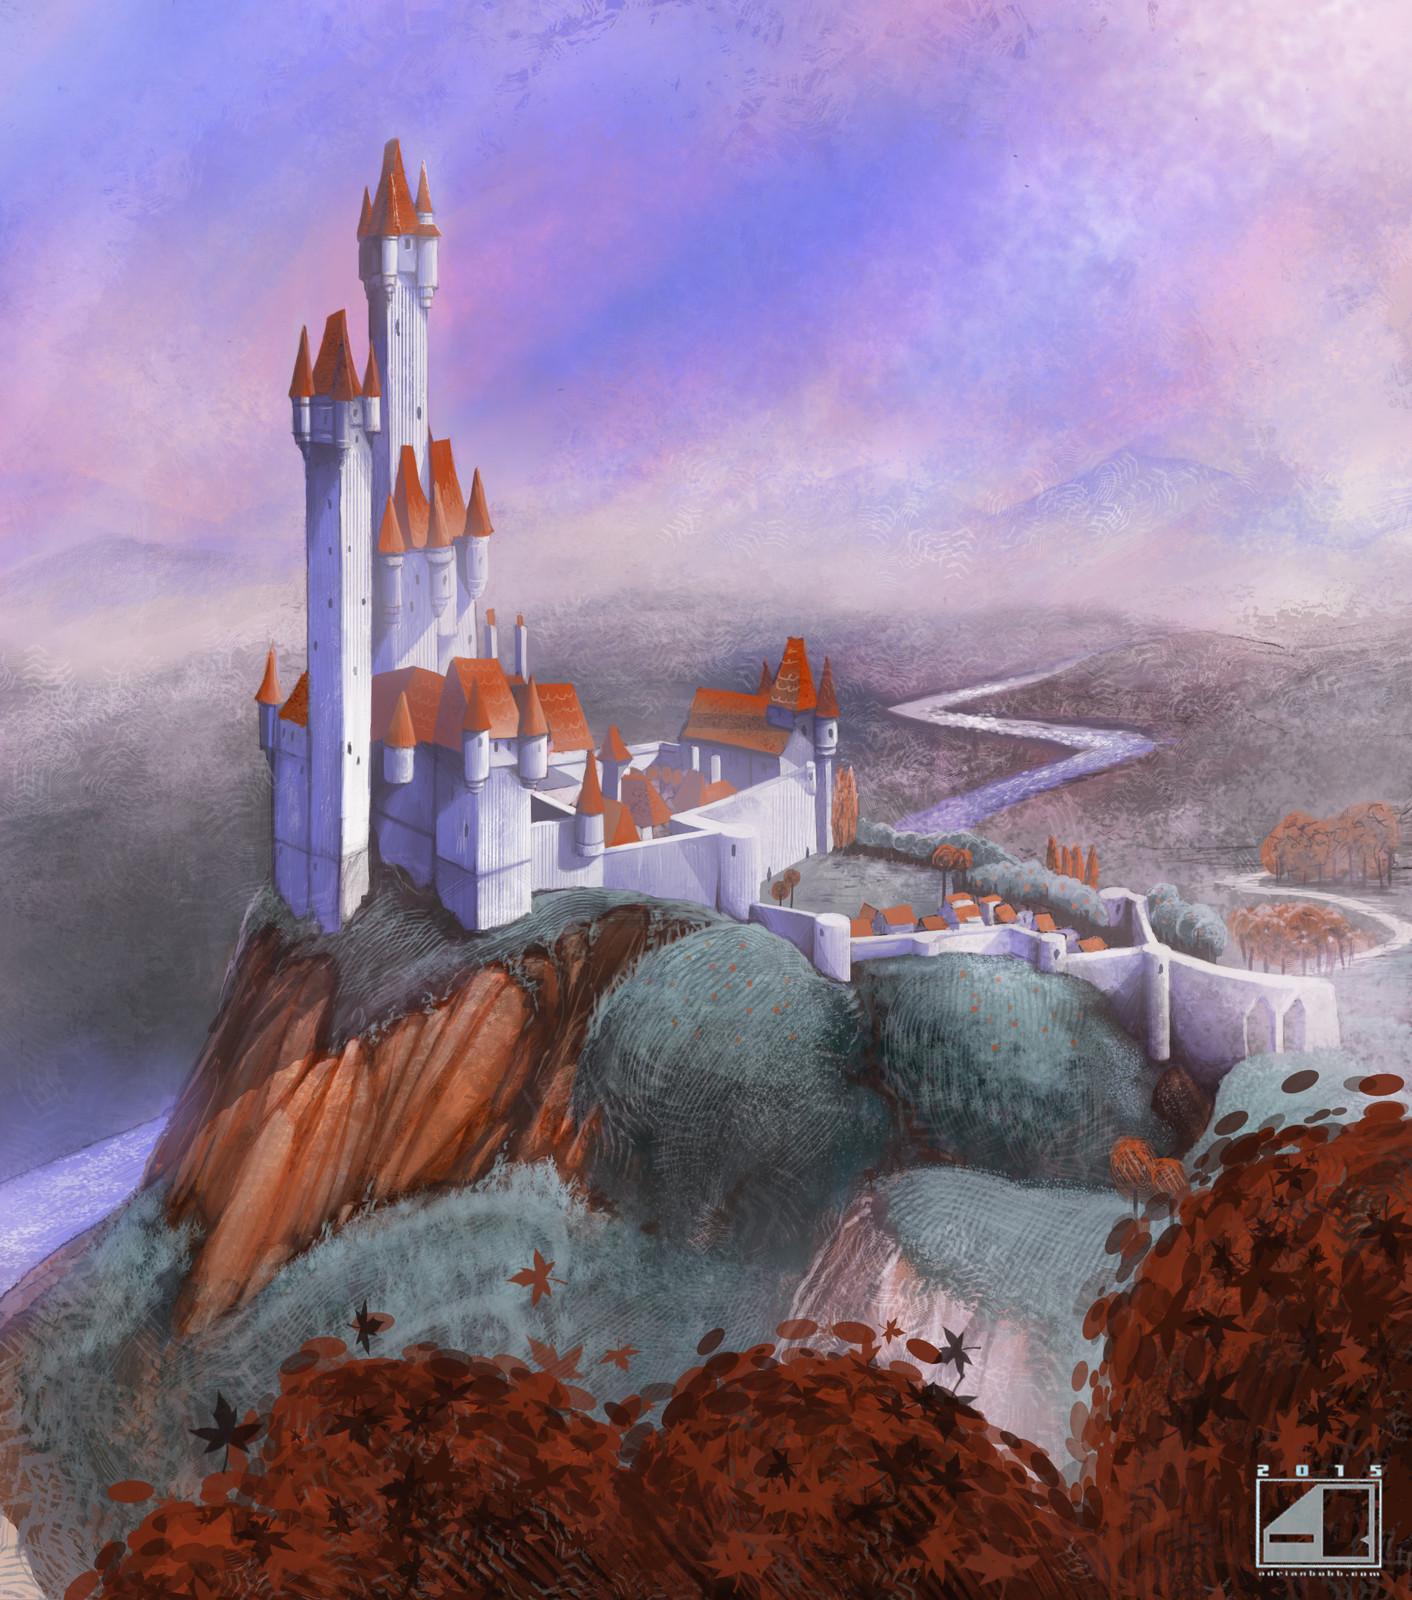 Storybook Fantasy Concept